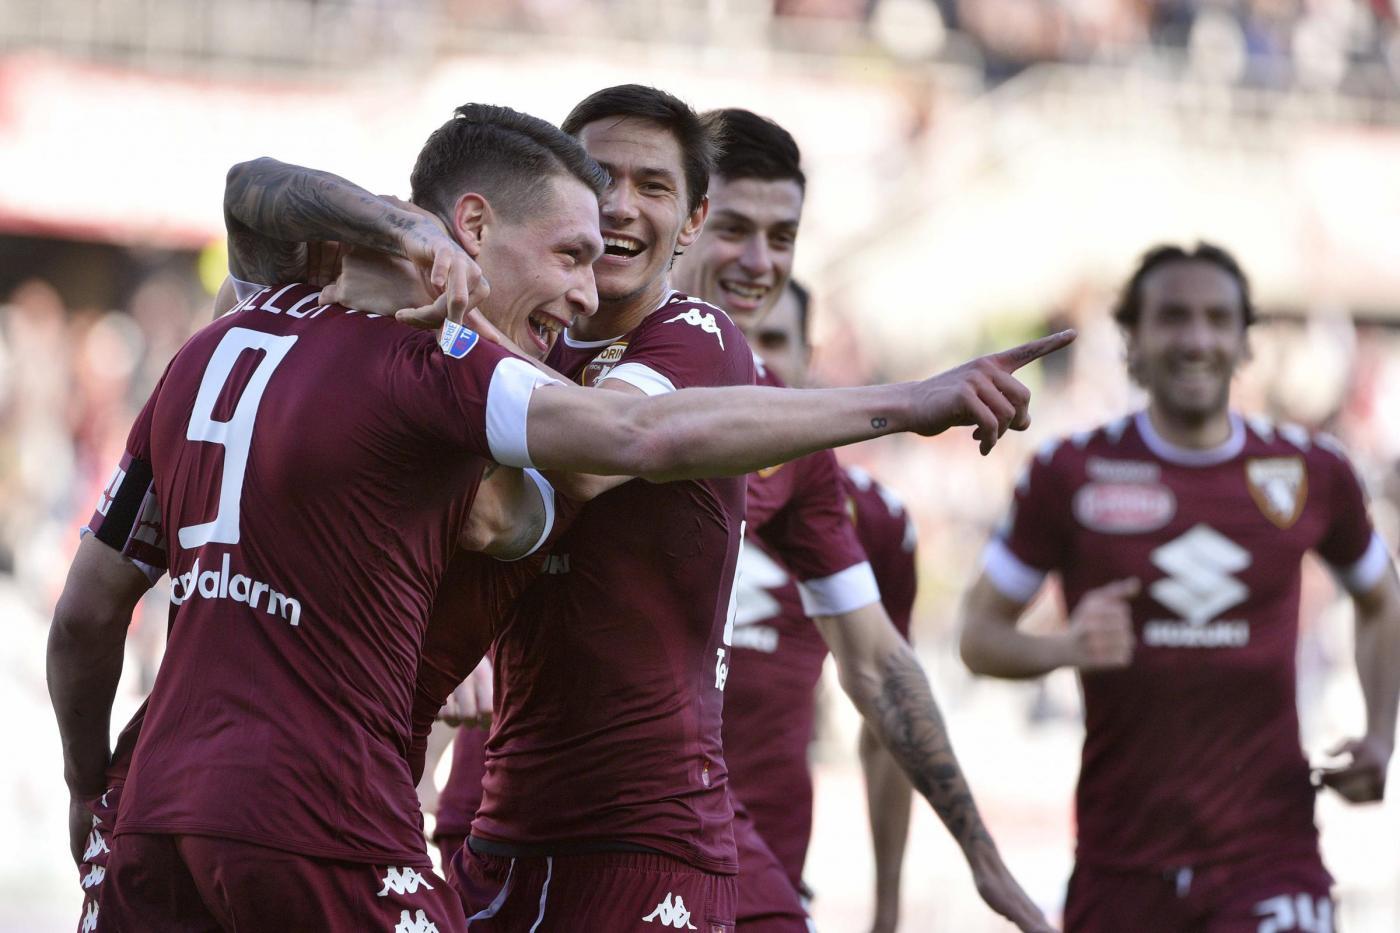 Calciomercato Torino: Belotti convince il Manchester United, torna Darmian?